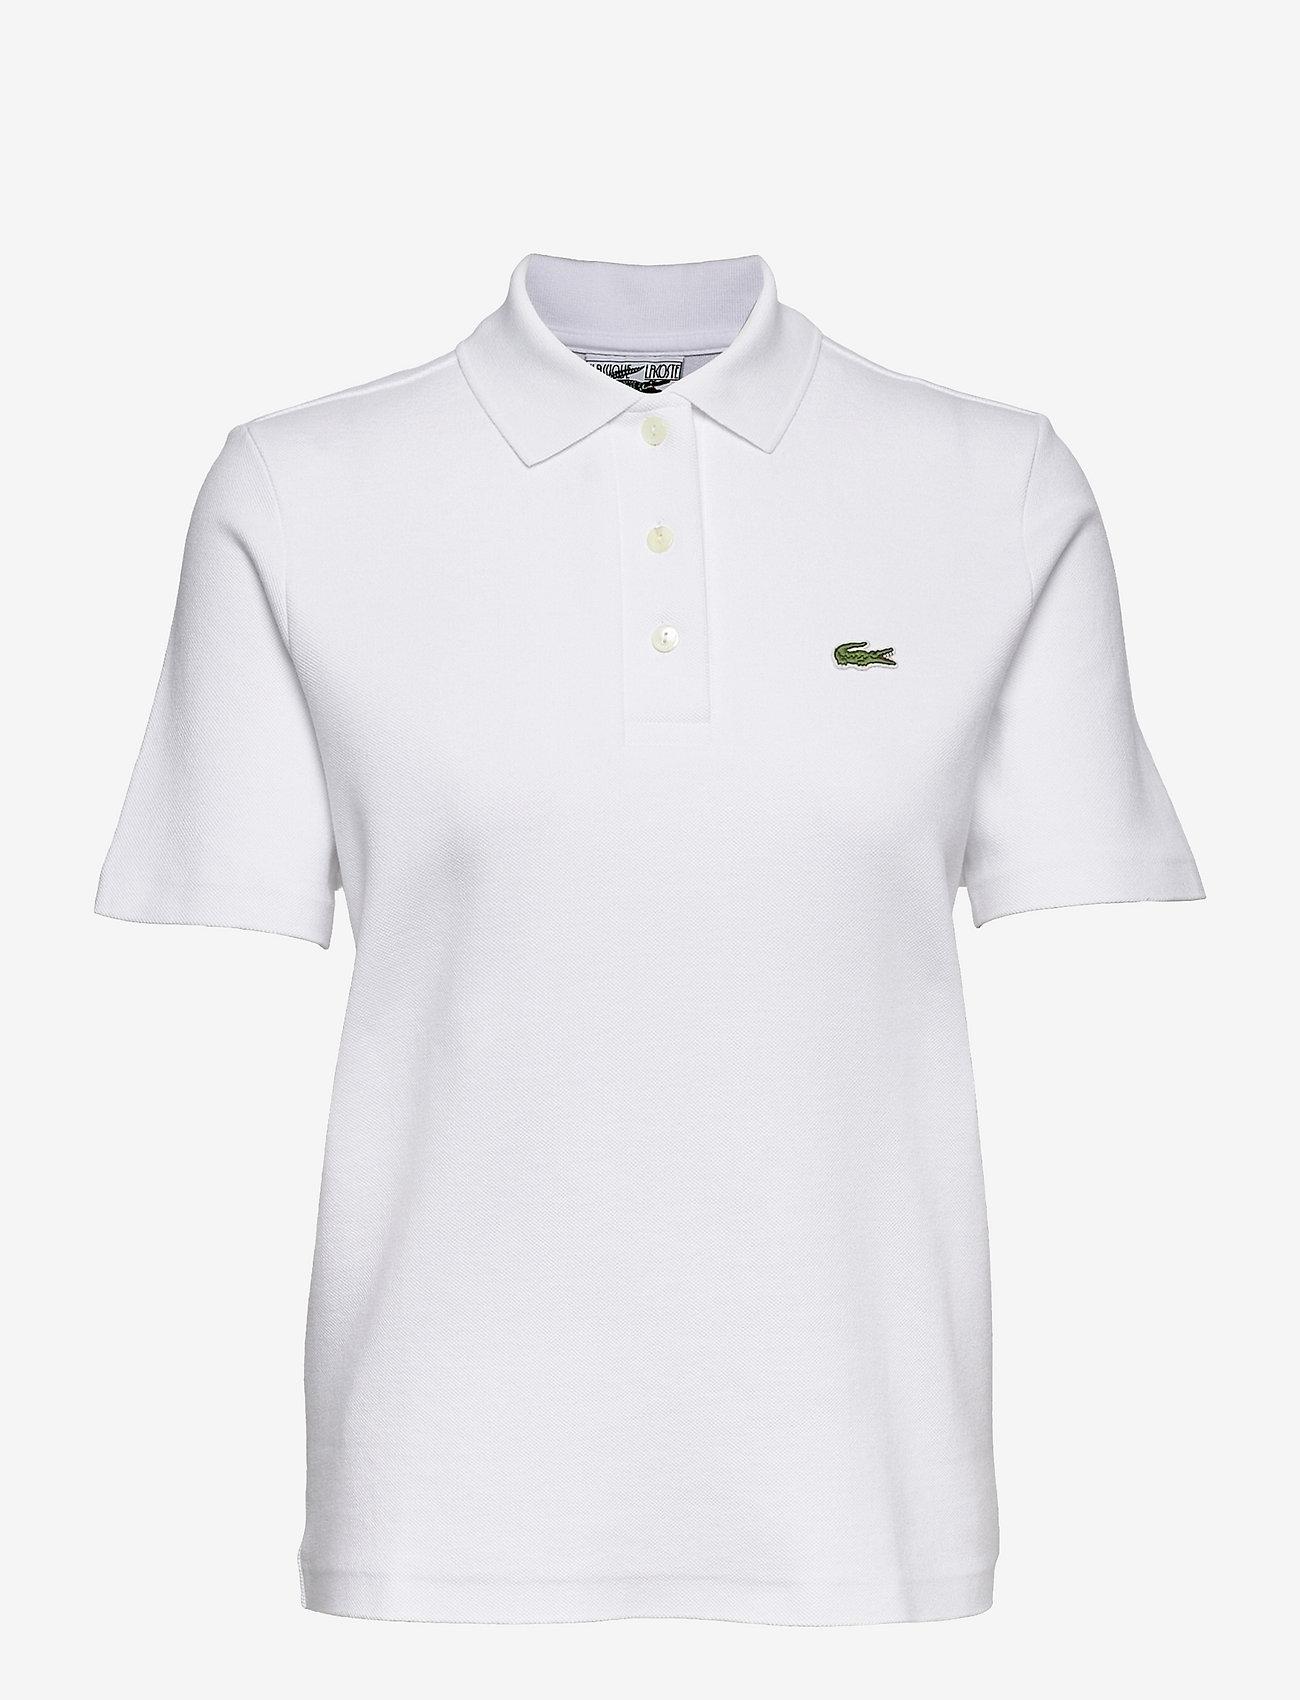 Lacoste - Women s S/S polo - polohemden - white - 0